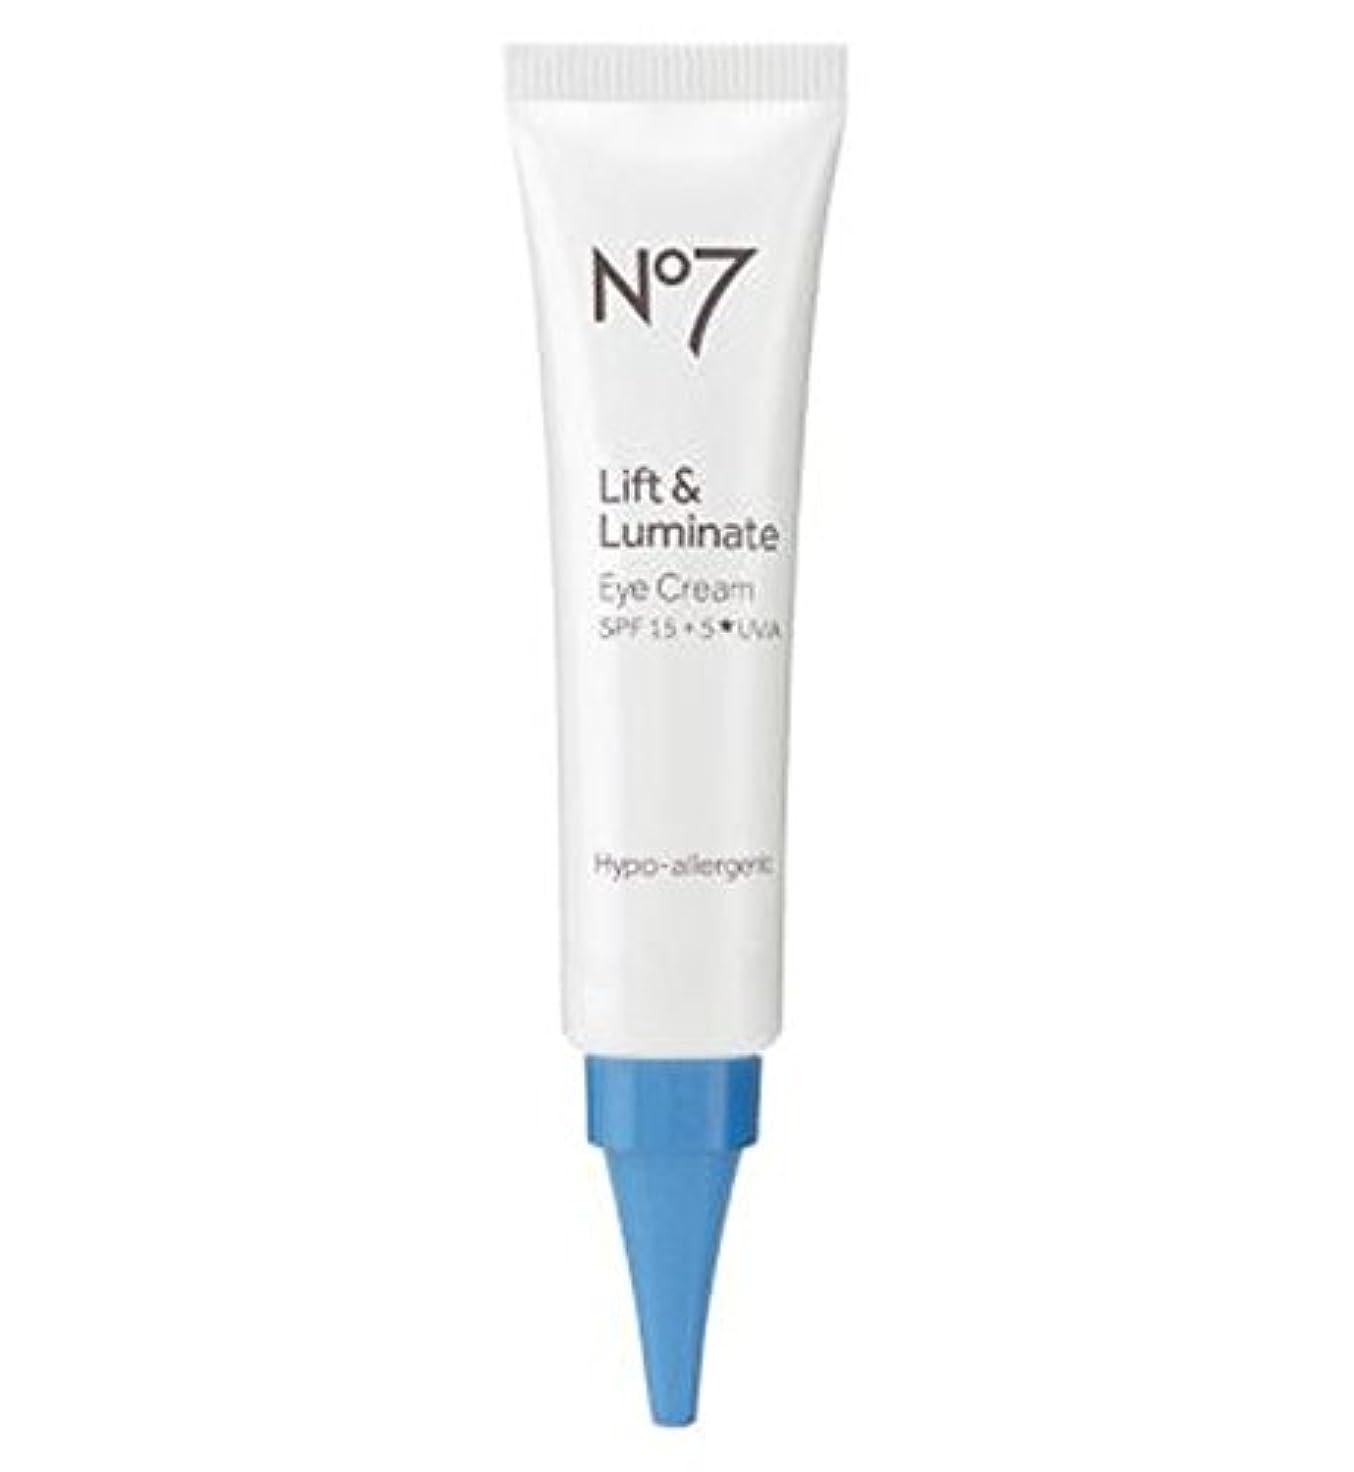 ダーツどちらか戦略No7リフト&Luminateアイクリーム (No7) (x2) - No7 Lift & Luminate Eye Cream (Pack of 2) [並行輸入品]